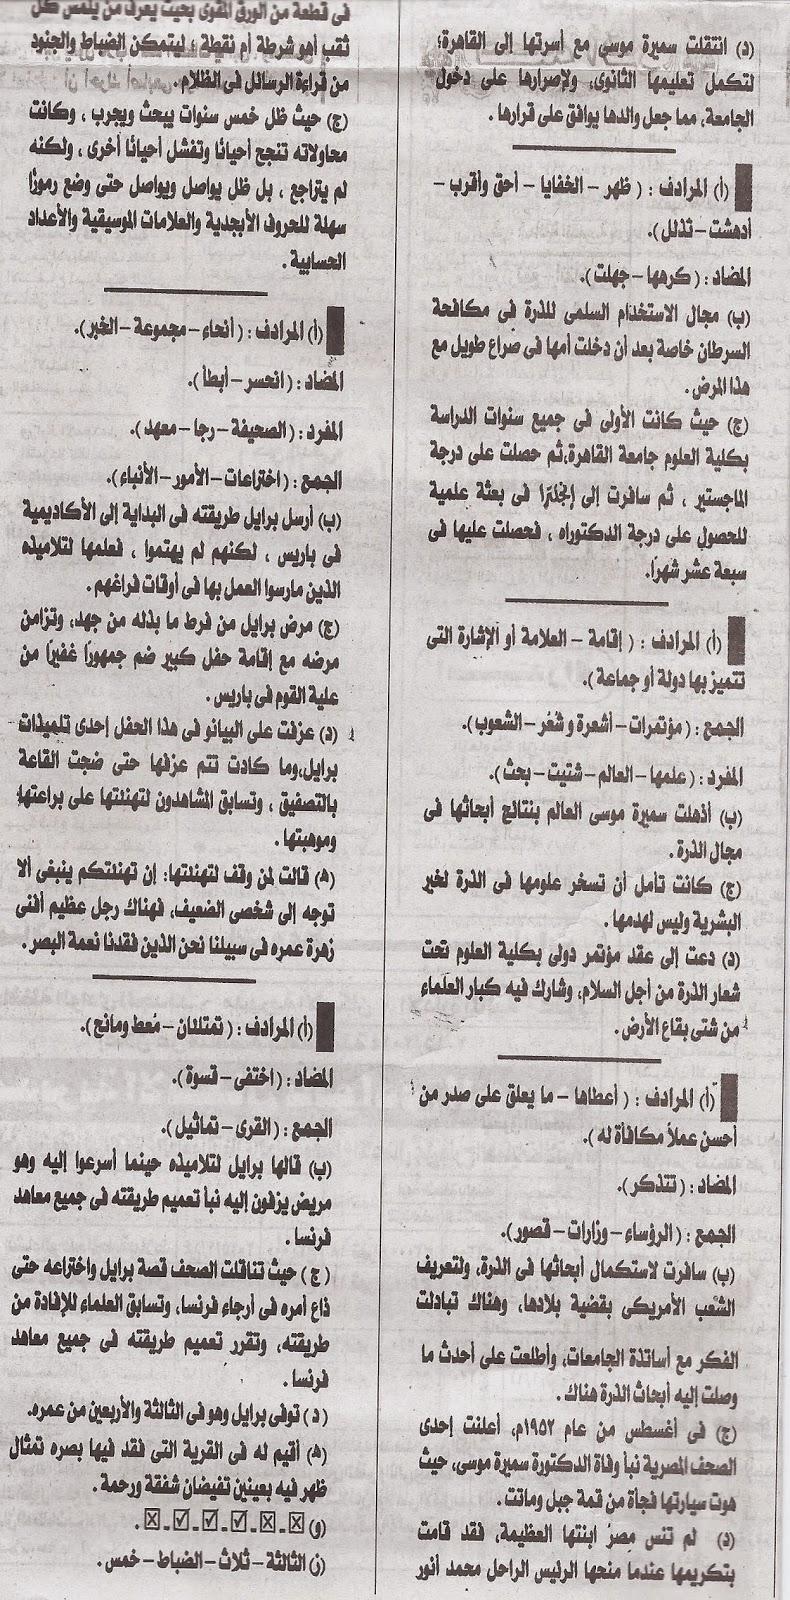 مراجعة قراءة للشهادة الاعدادية - ملحق الجمهورية نصف العام Scan0005